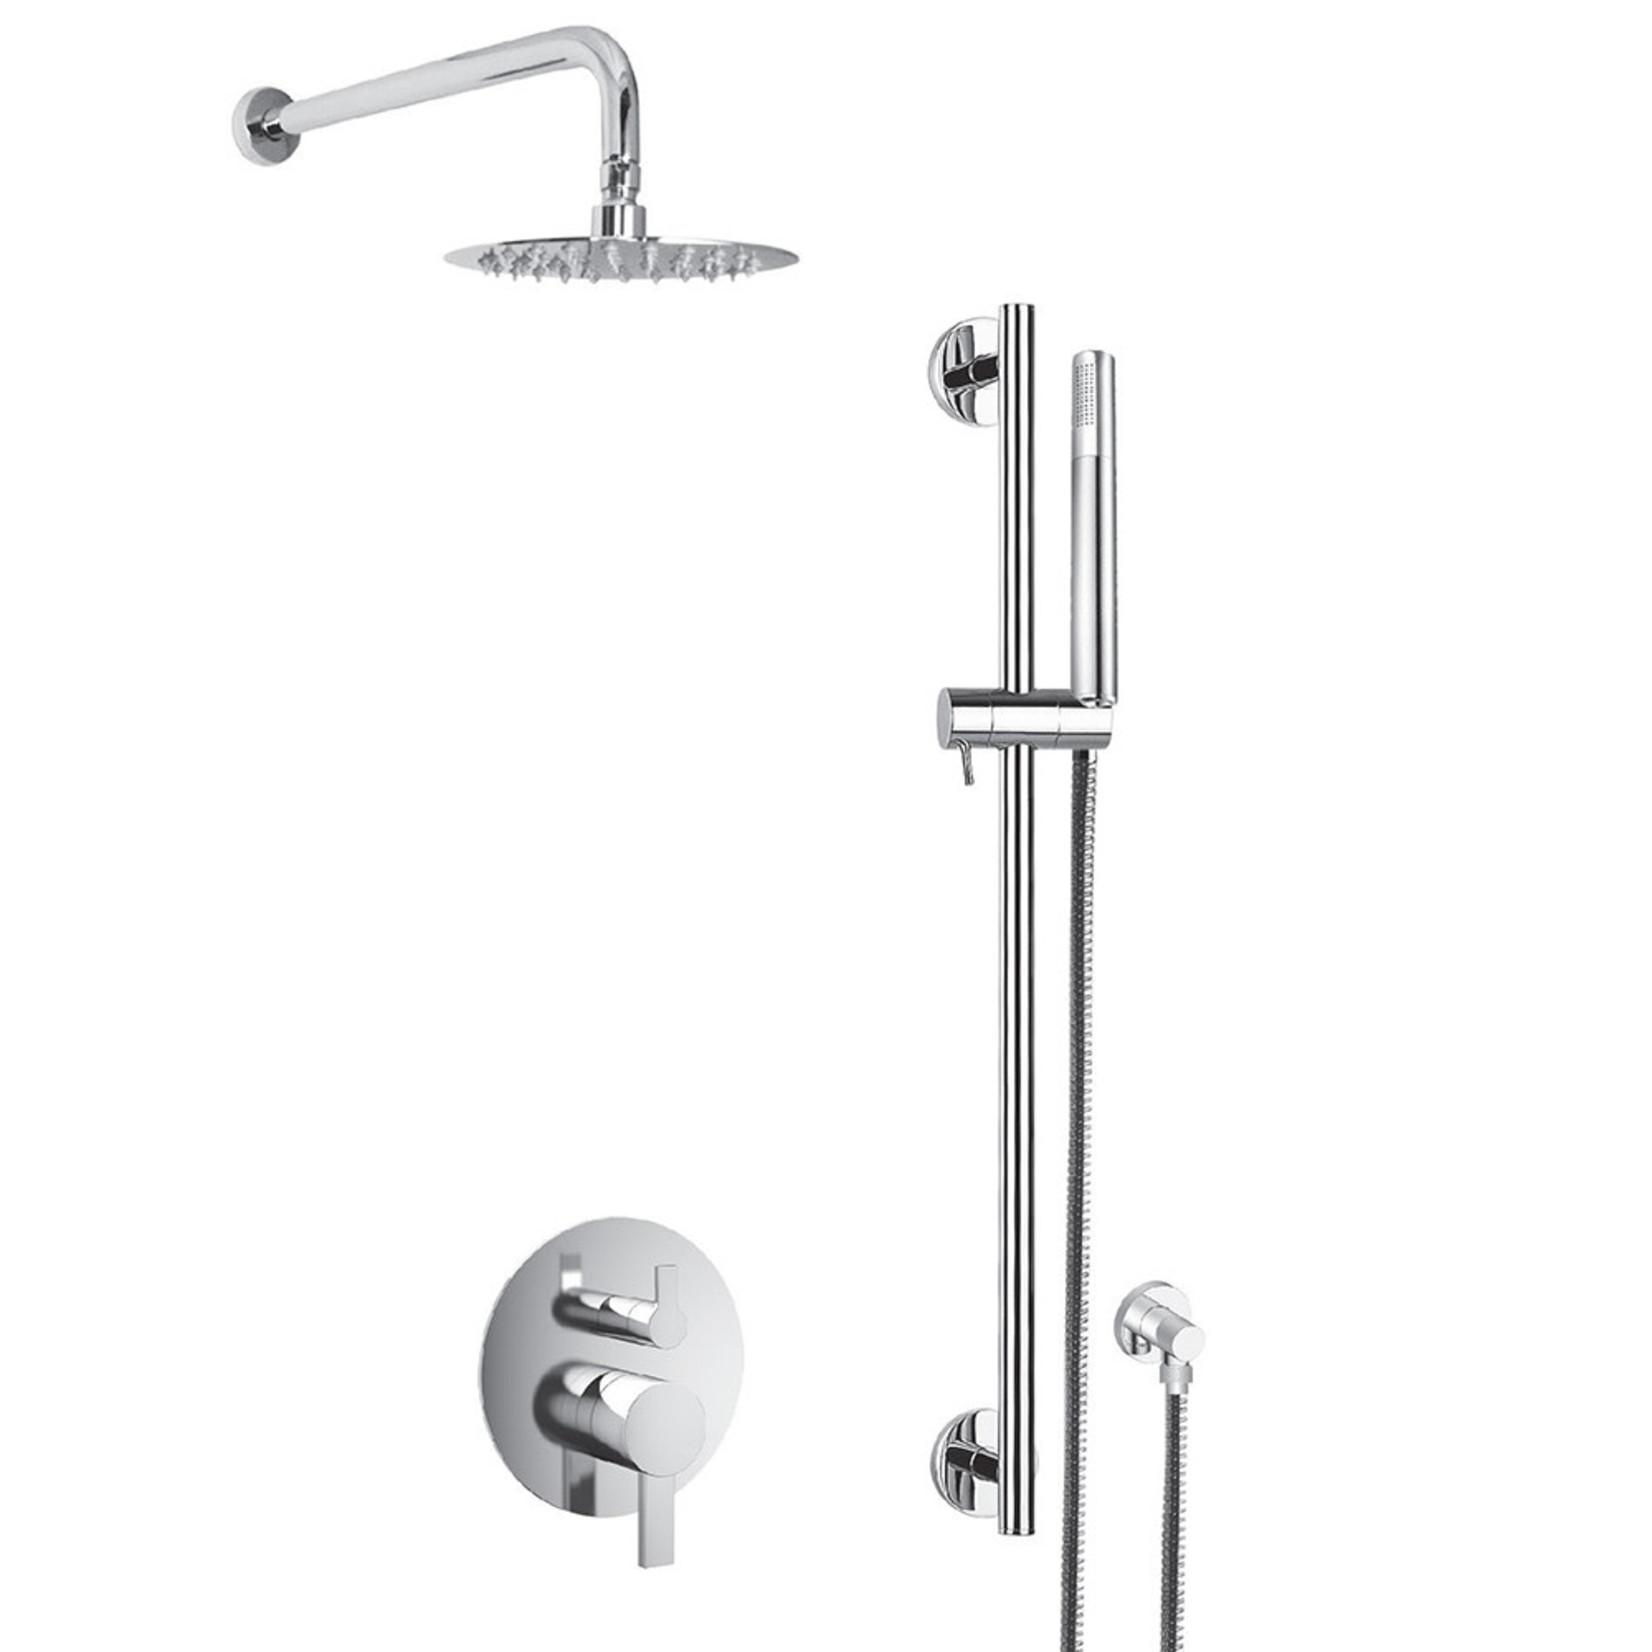 Akuaplus Elite Chrome Round Rail Shower Faucet RD-812030-CP